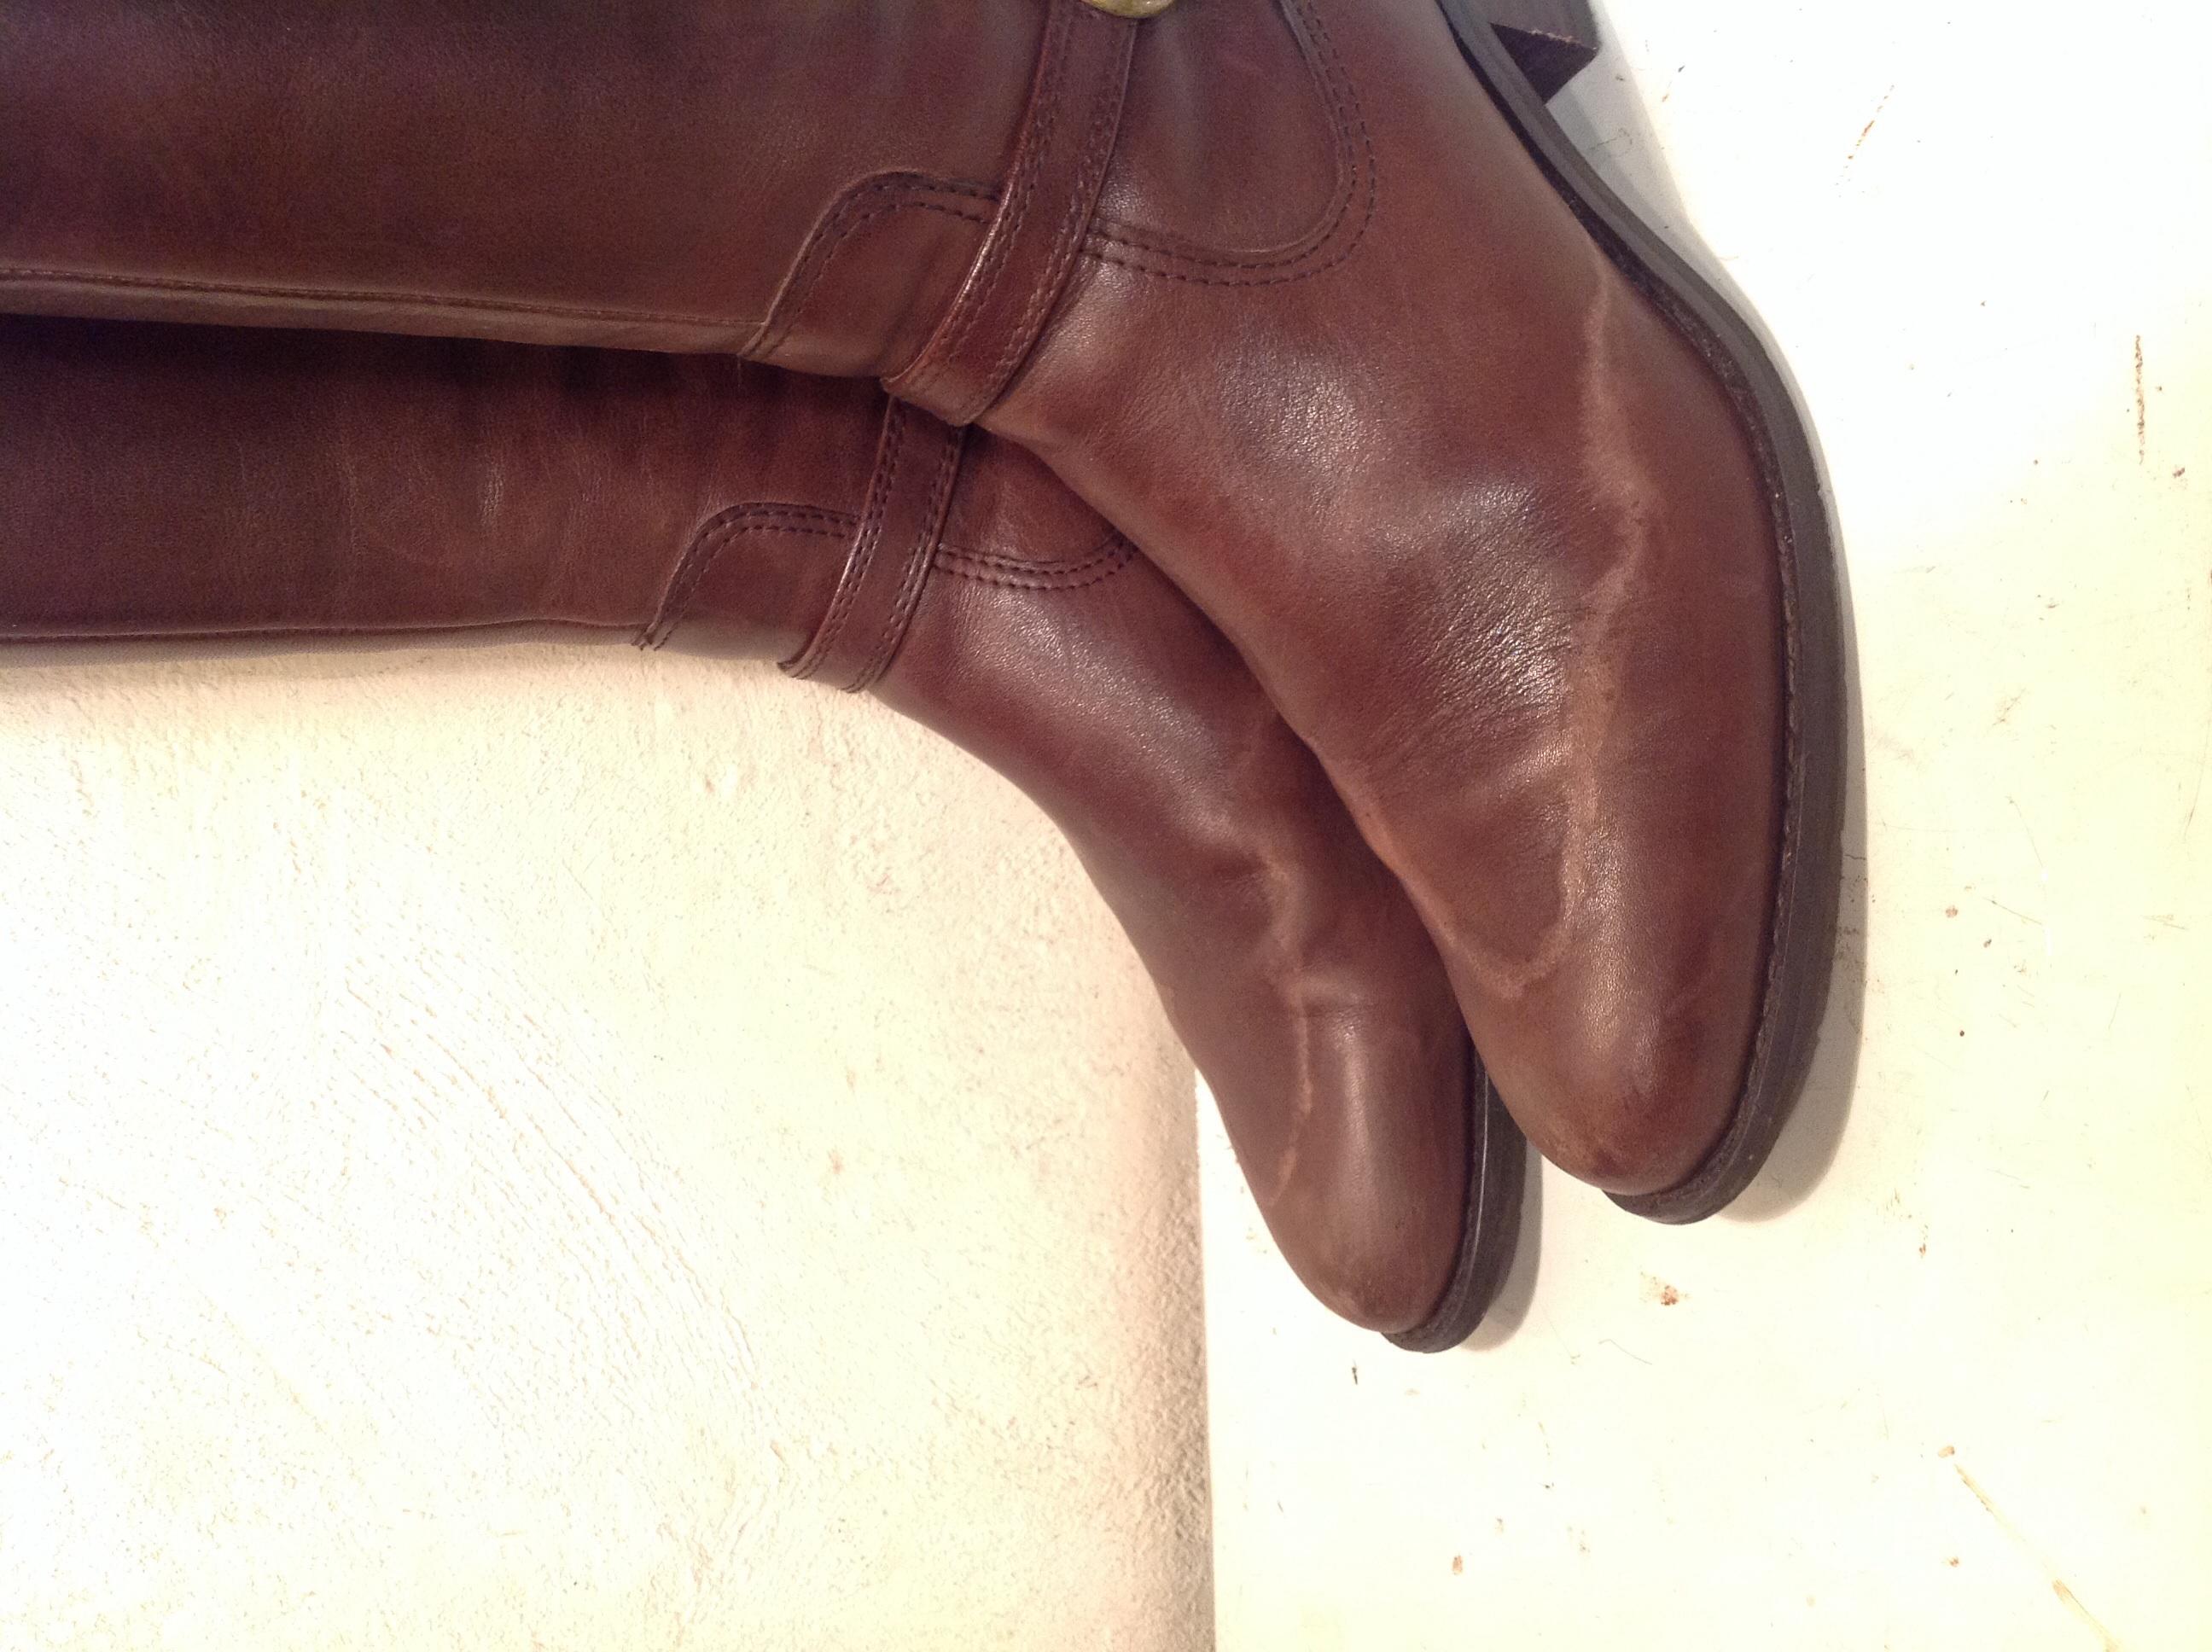 レディースブーツ 雨染み、塩吹き 靴クリーニング